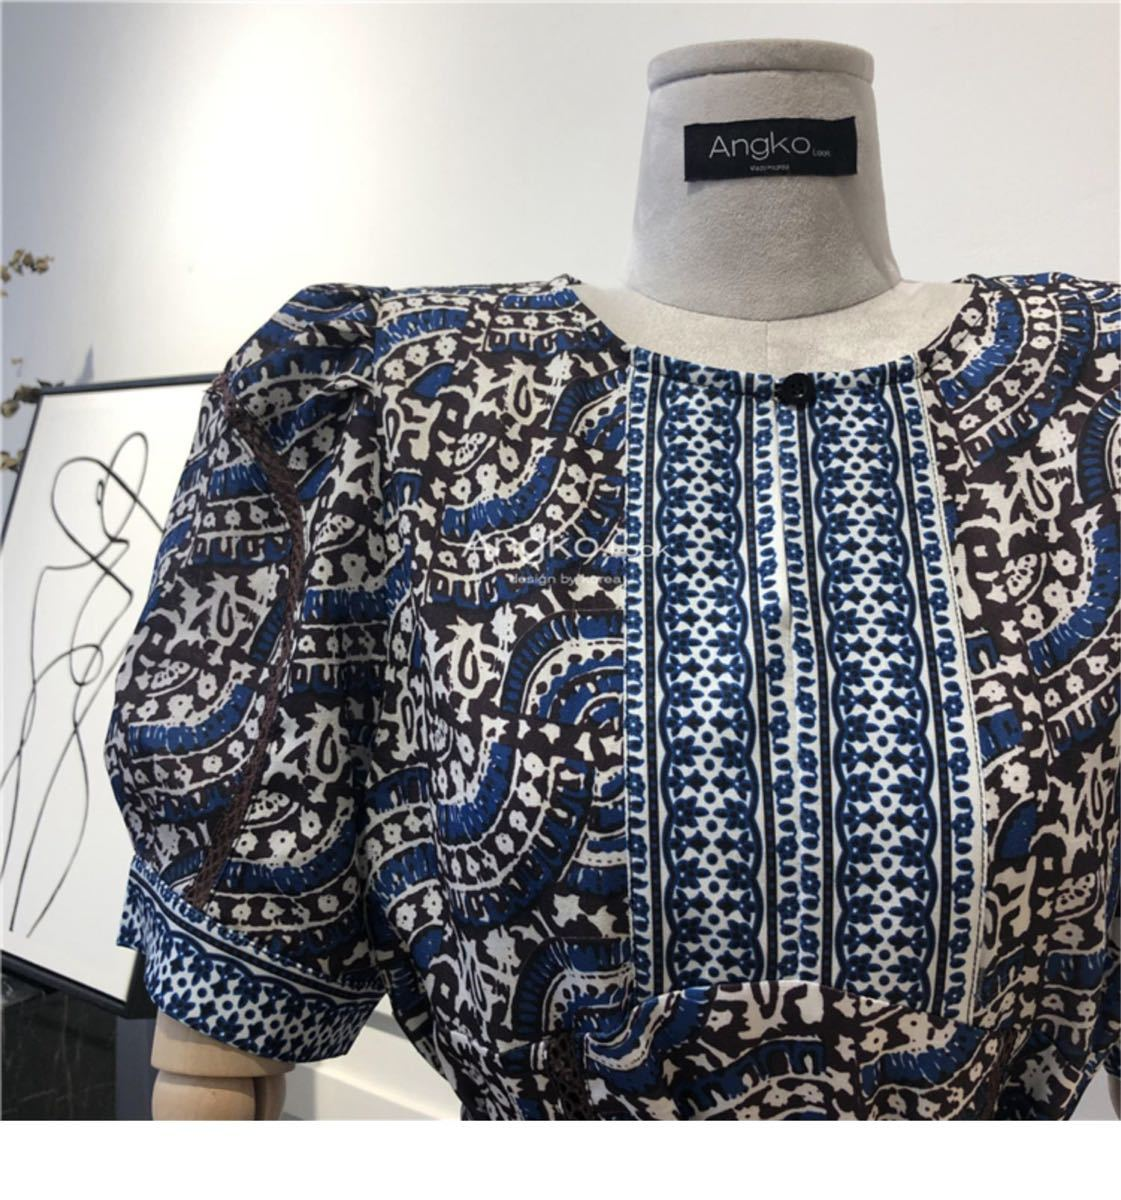 ロング ワンピース  大人気 マキシロングワンピース 韓国 ノースリーブ 夏服